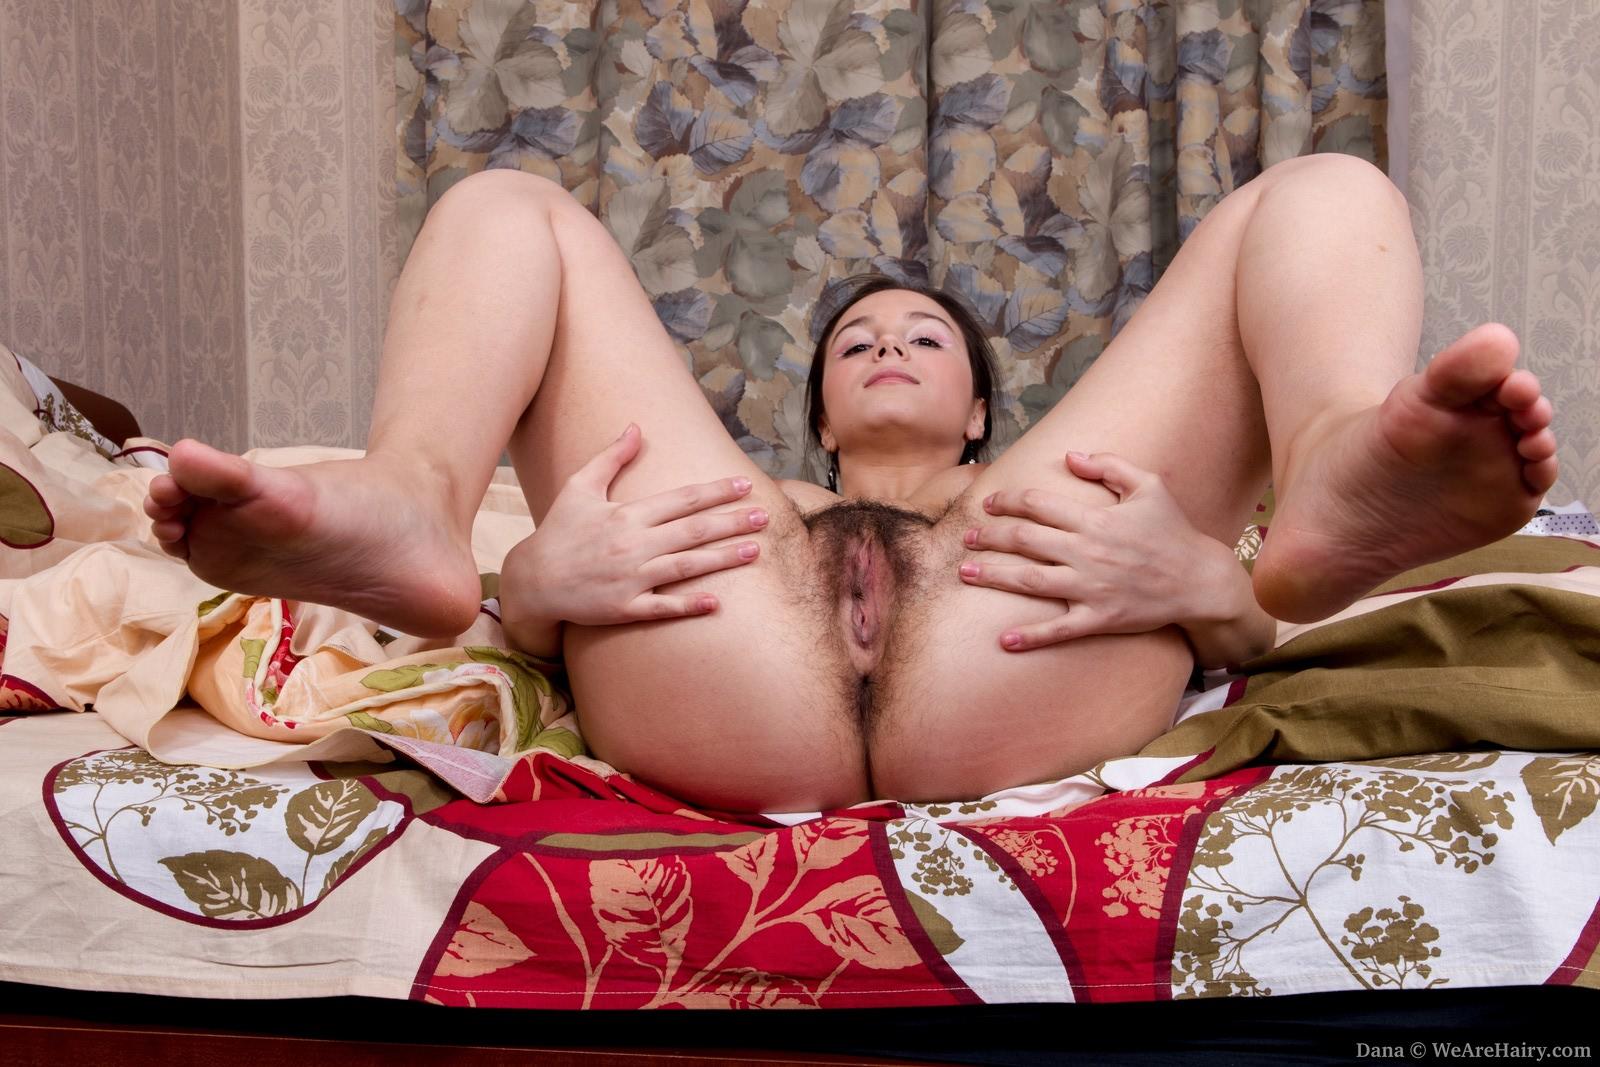 Смотреть порно когда девушка в ночнушке 3 фотография